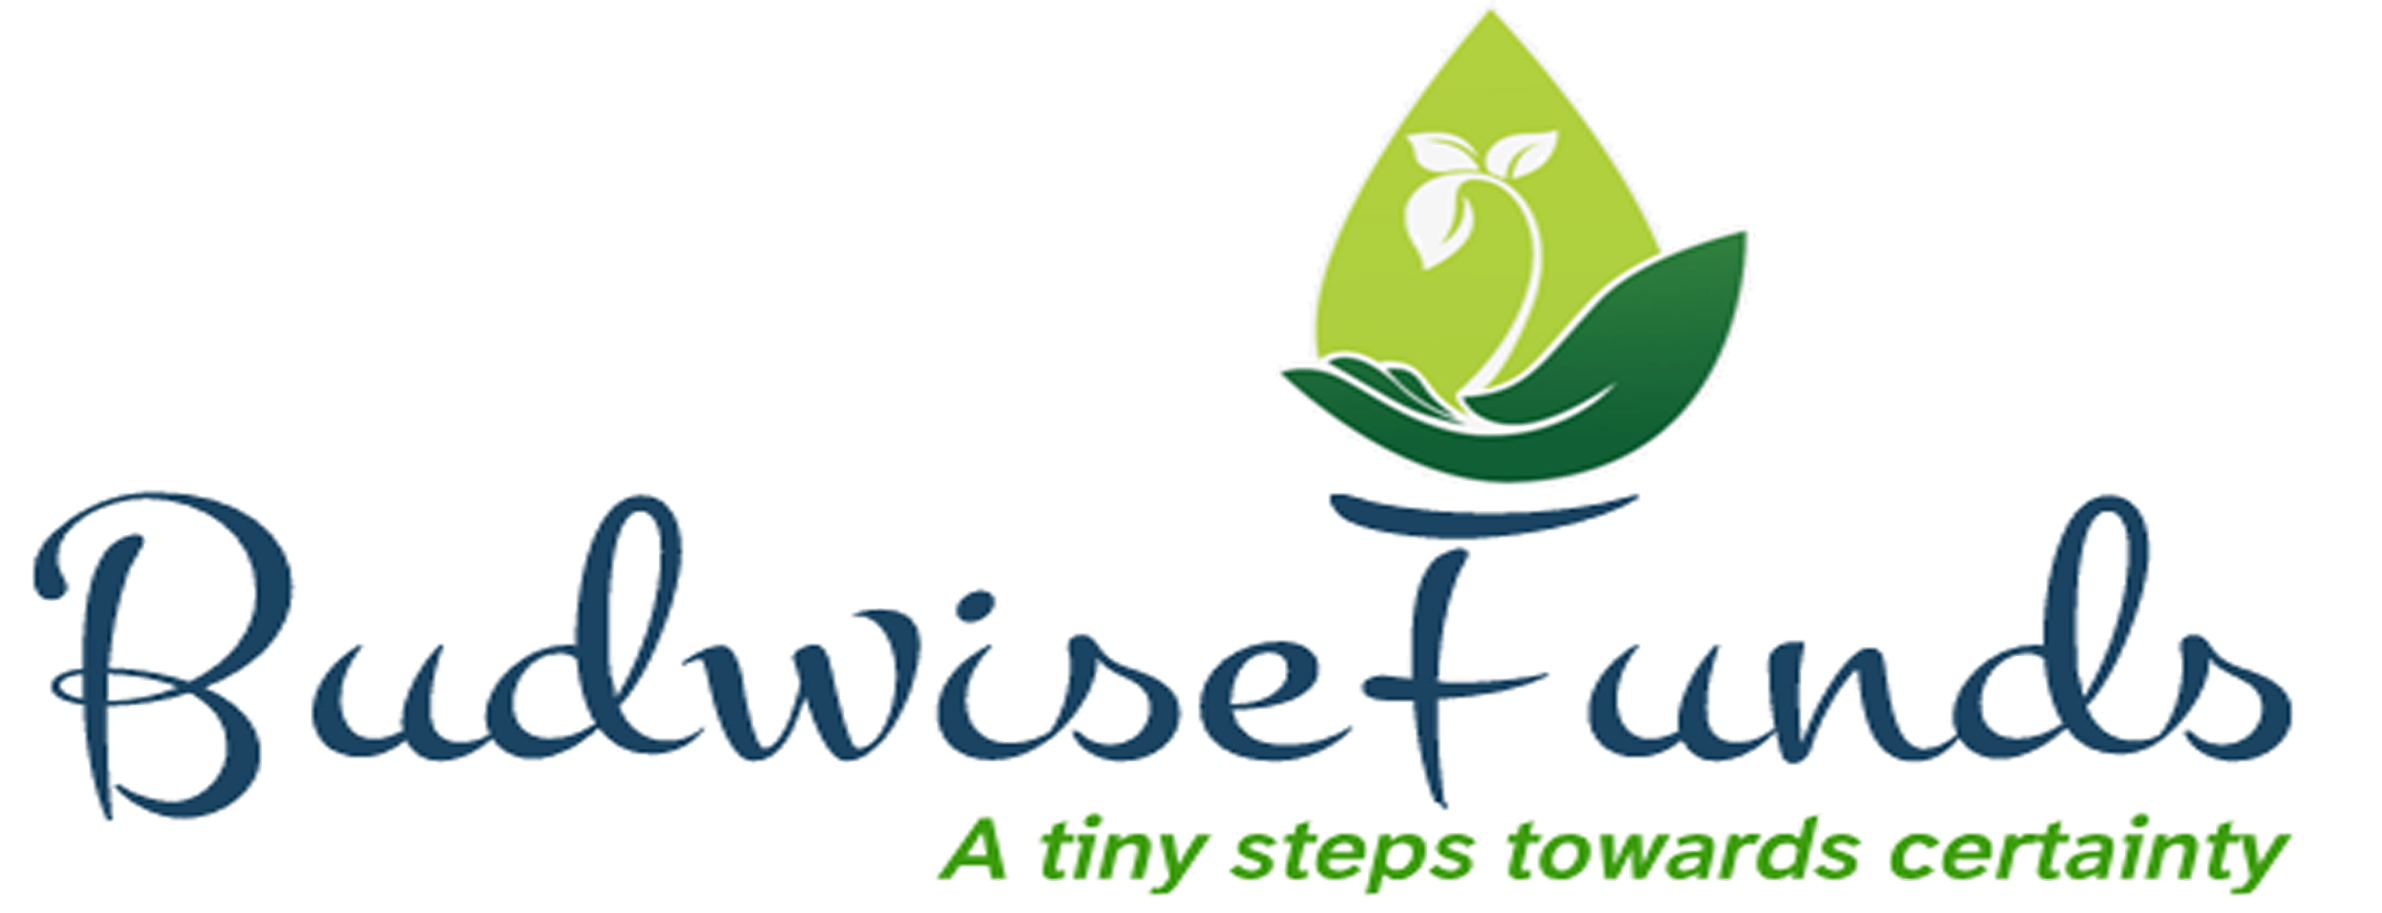 Budwisefunds